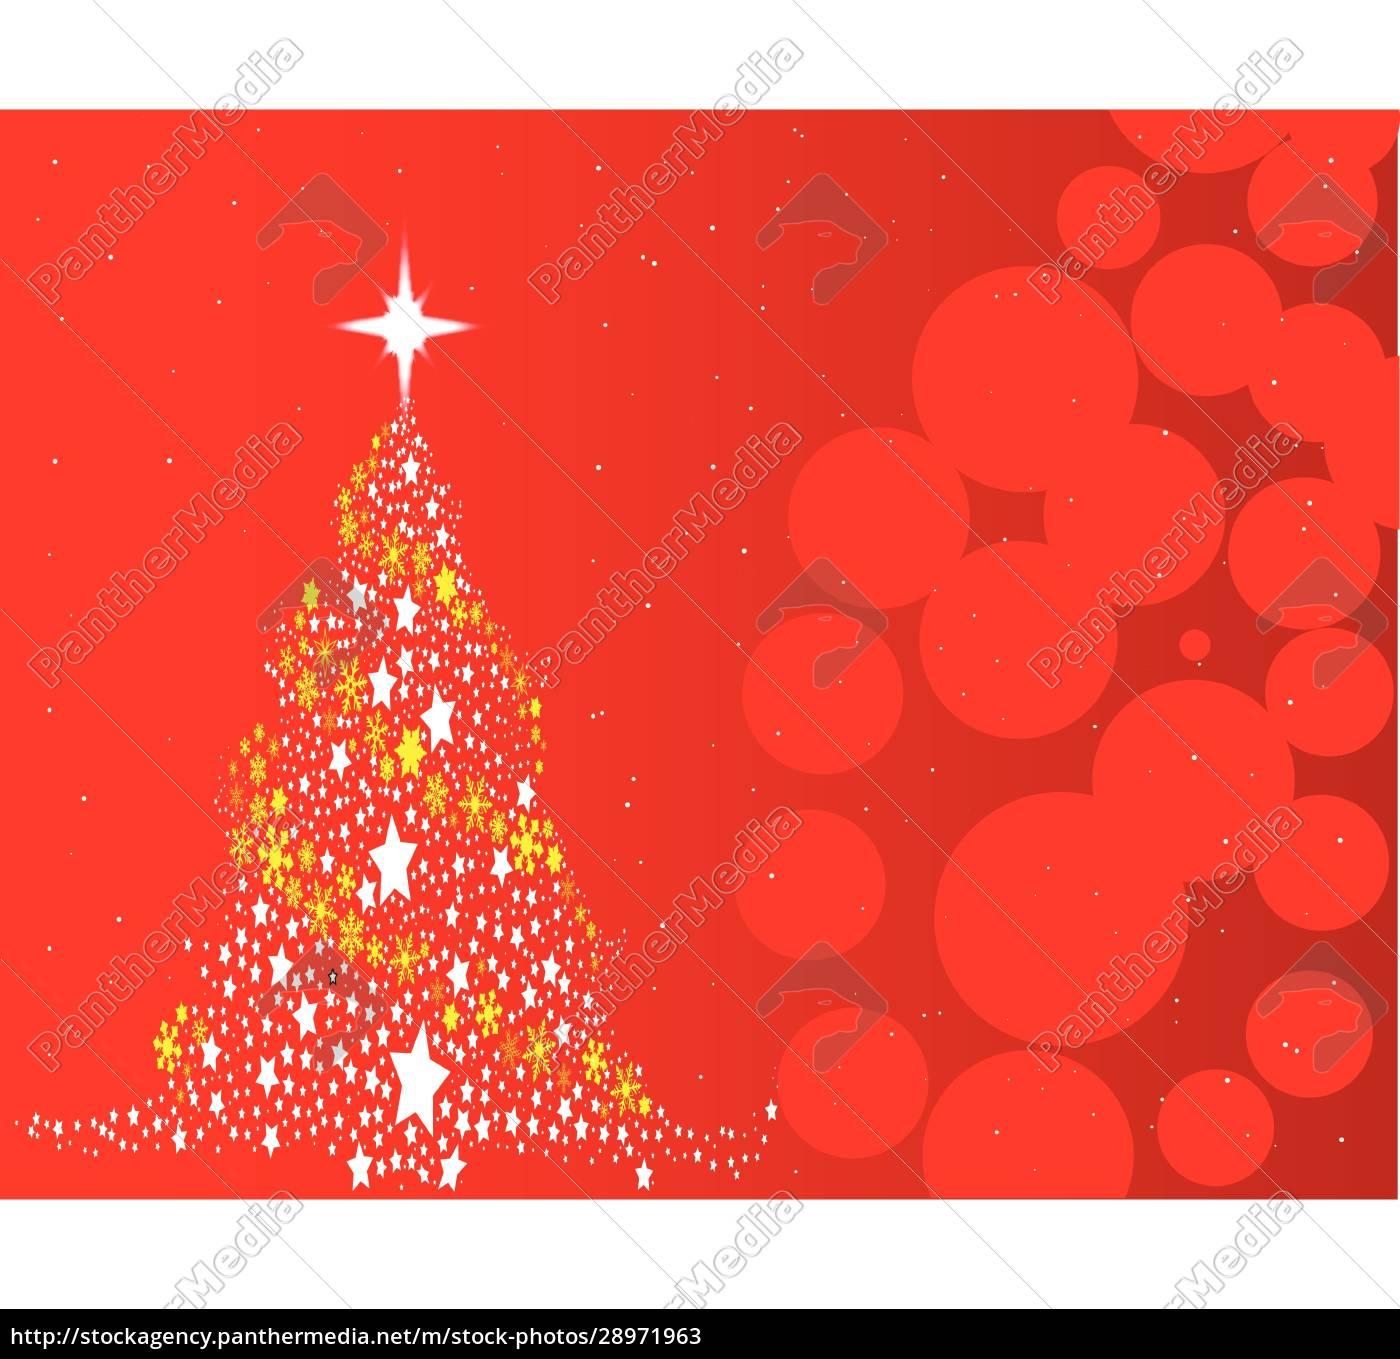 czerwone, tło, świąteczne - 28971963